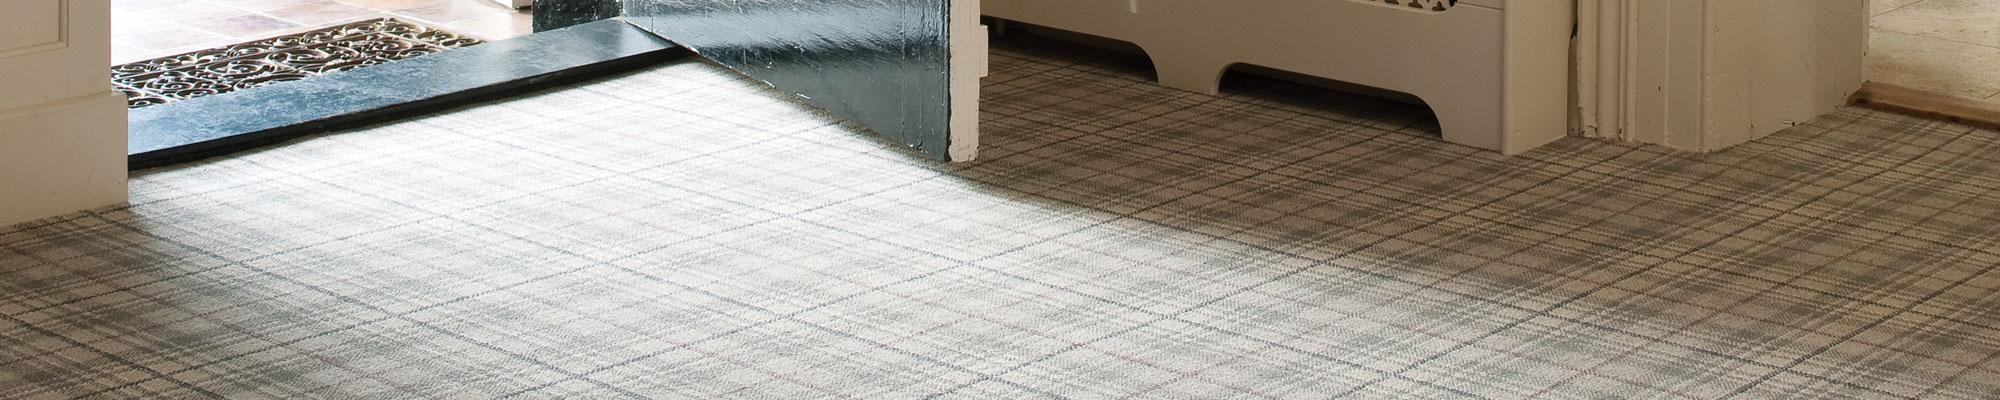 Carpet Off Cuts Newcastle Ulster Carpets Adamms